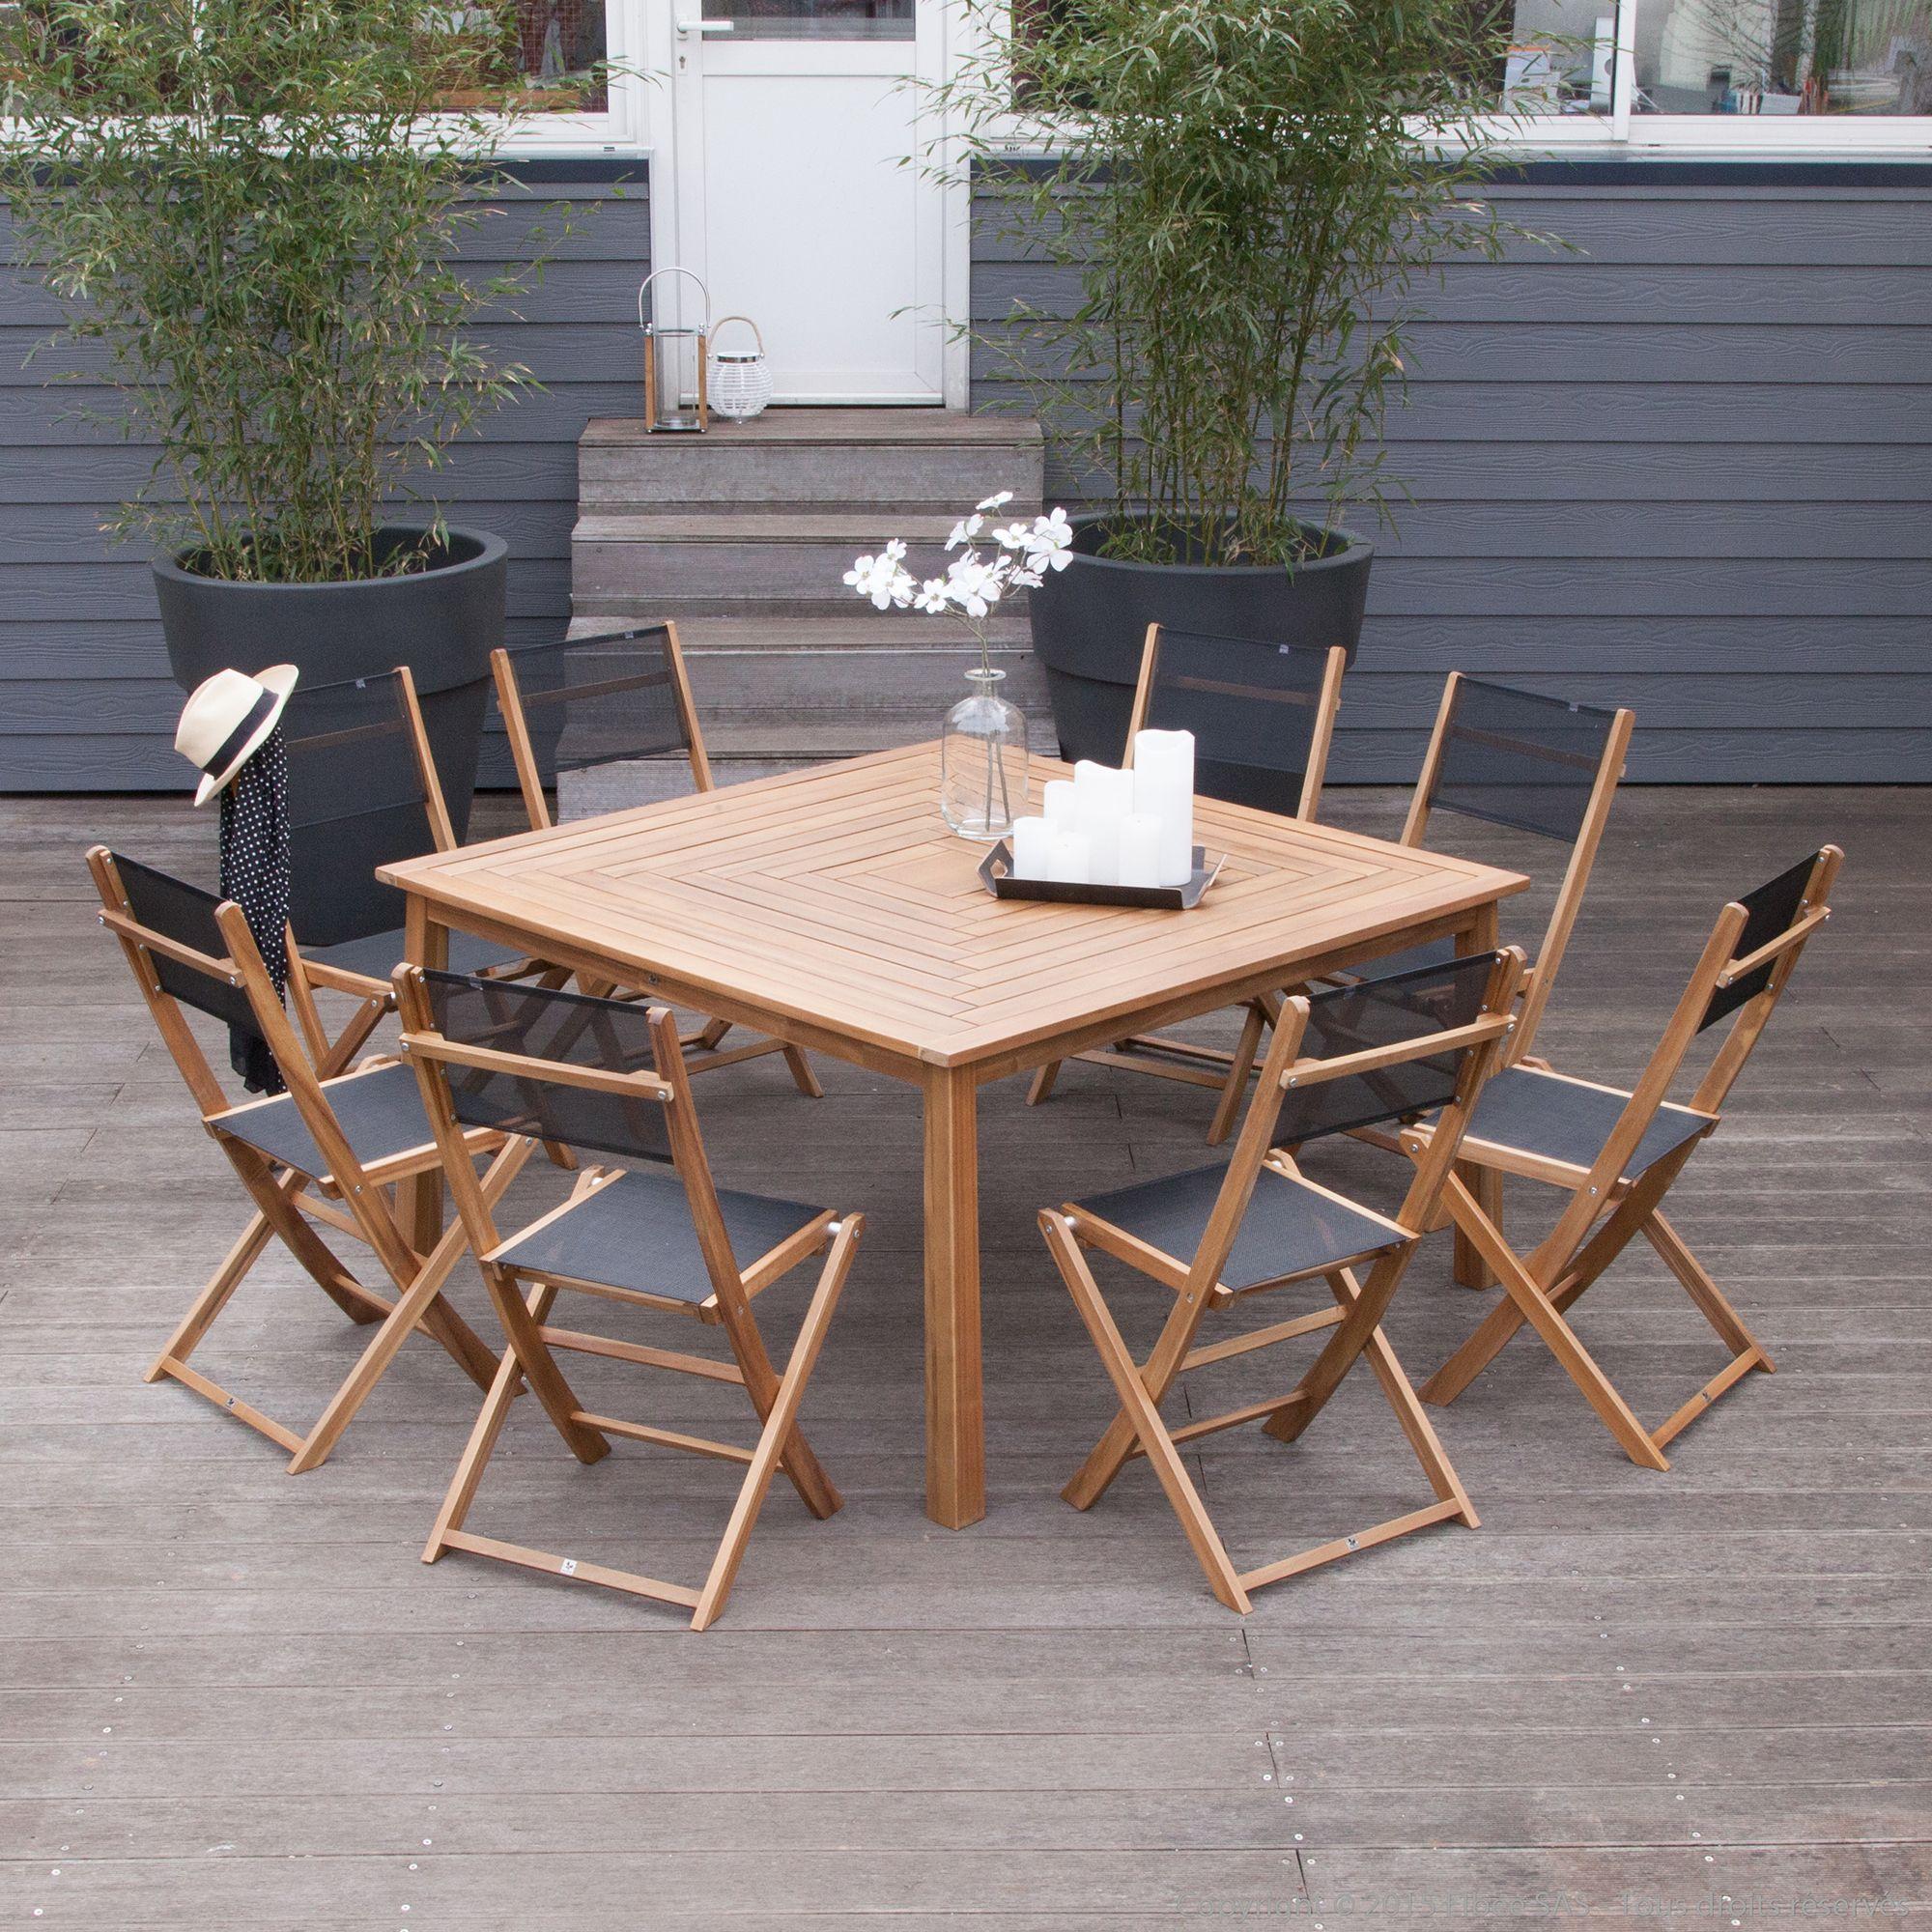 Salon de jardin 8 places : 1 table carré en Acacia FSC + 8 chaises ...